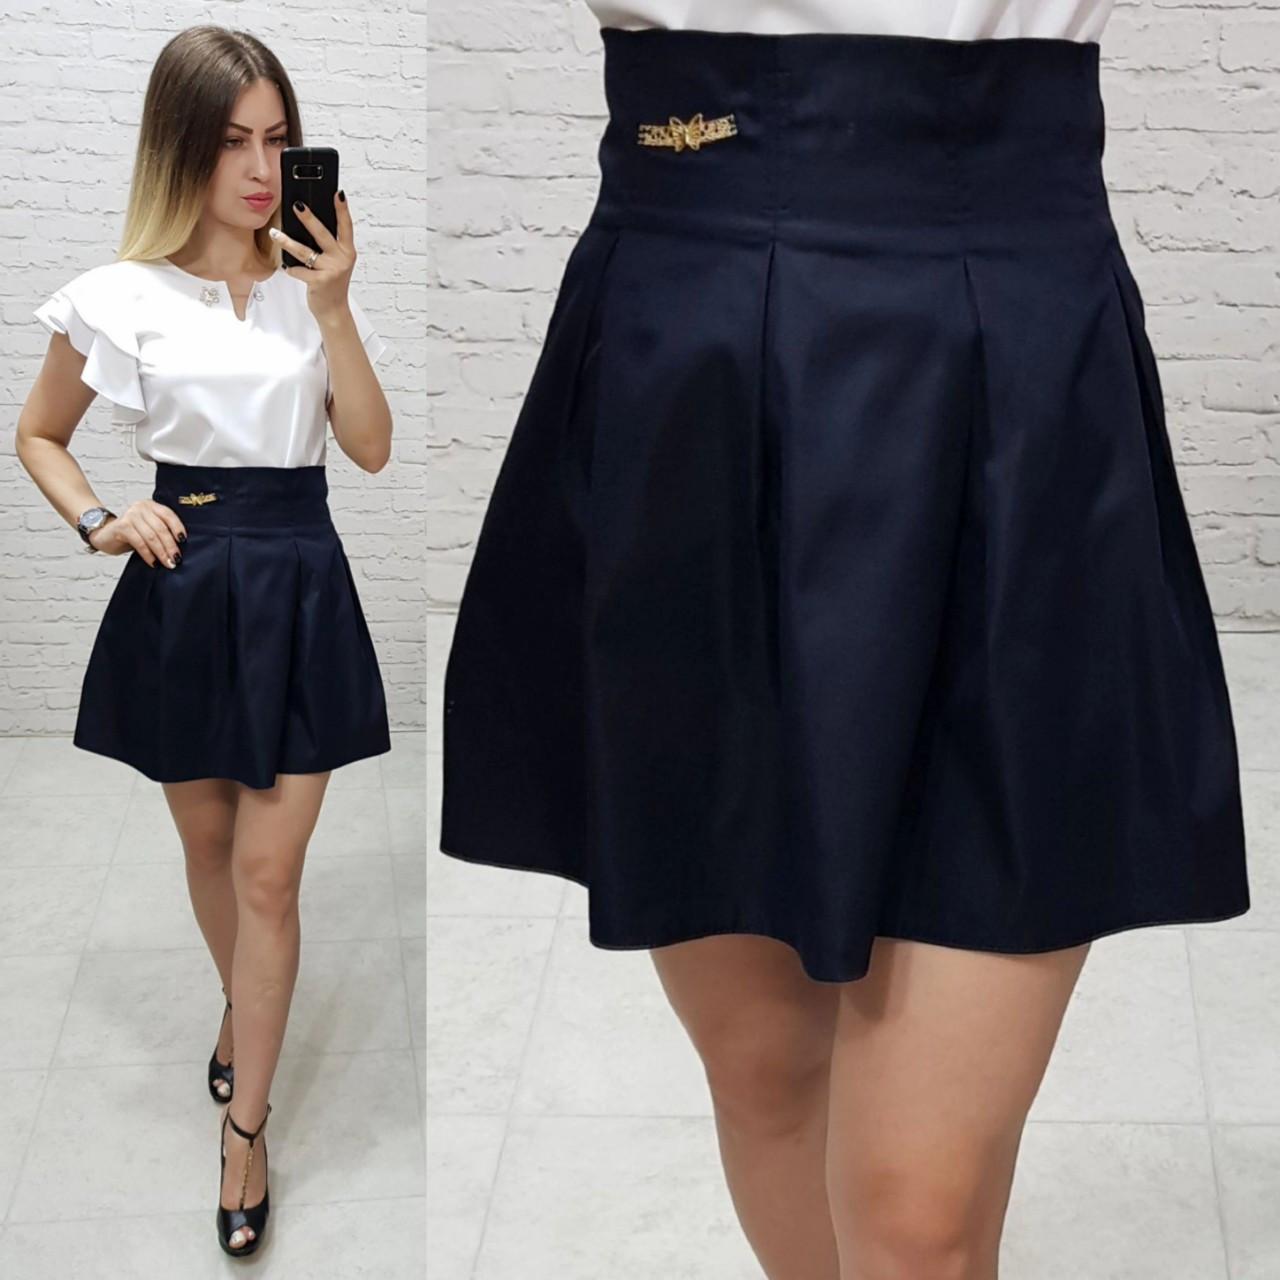 Модная юбка для девочек в складку темно-синего цвета, ткань мемори, арт. 1010